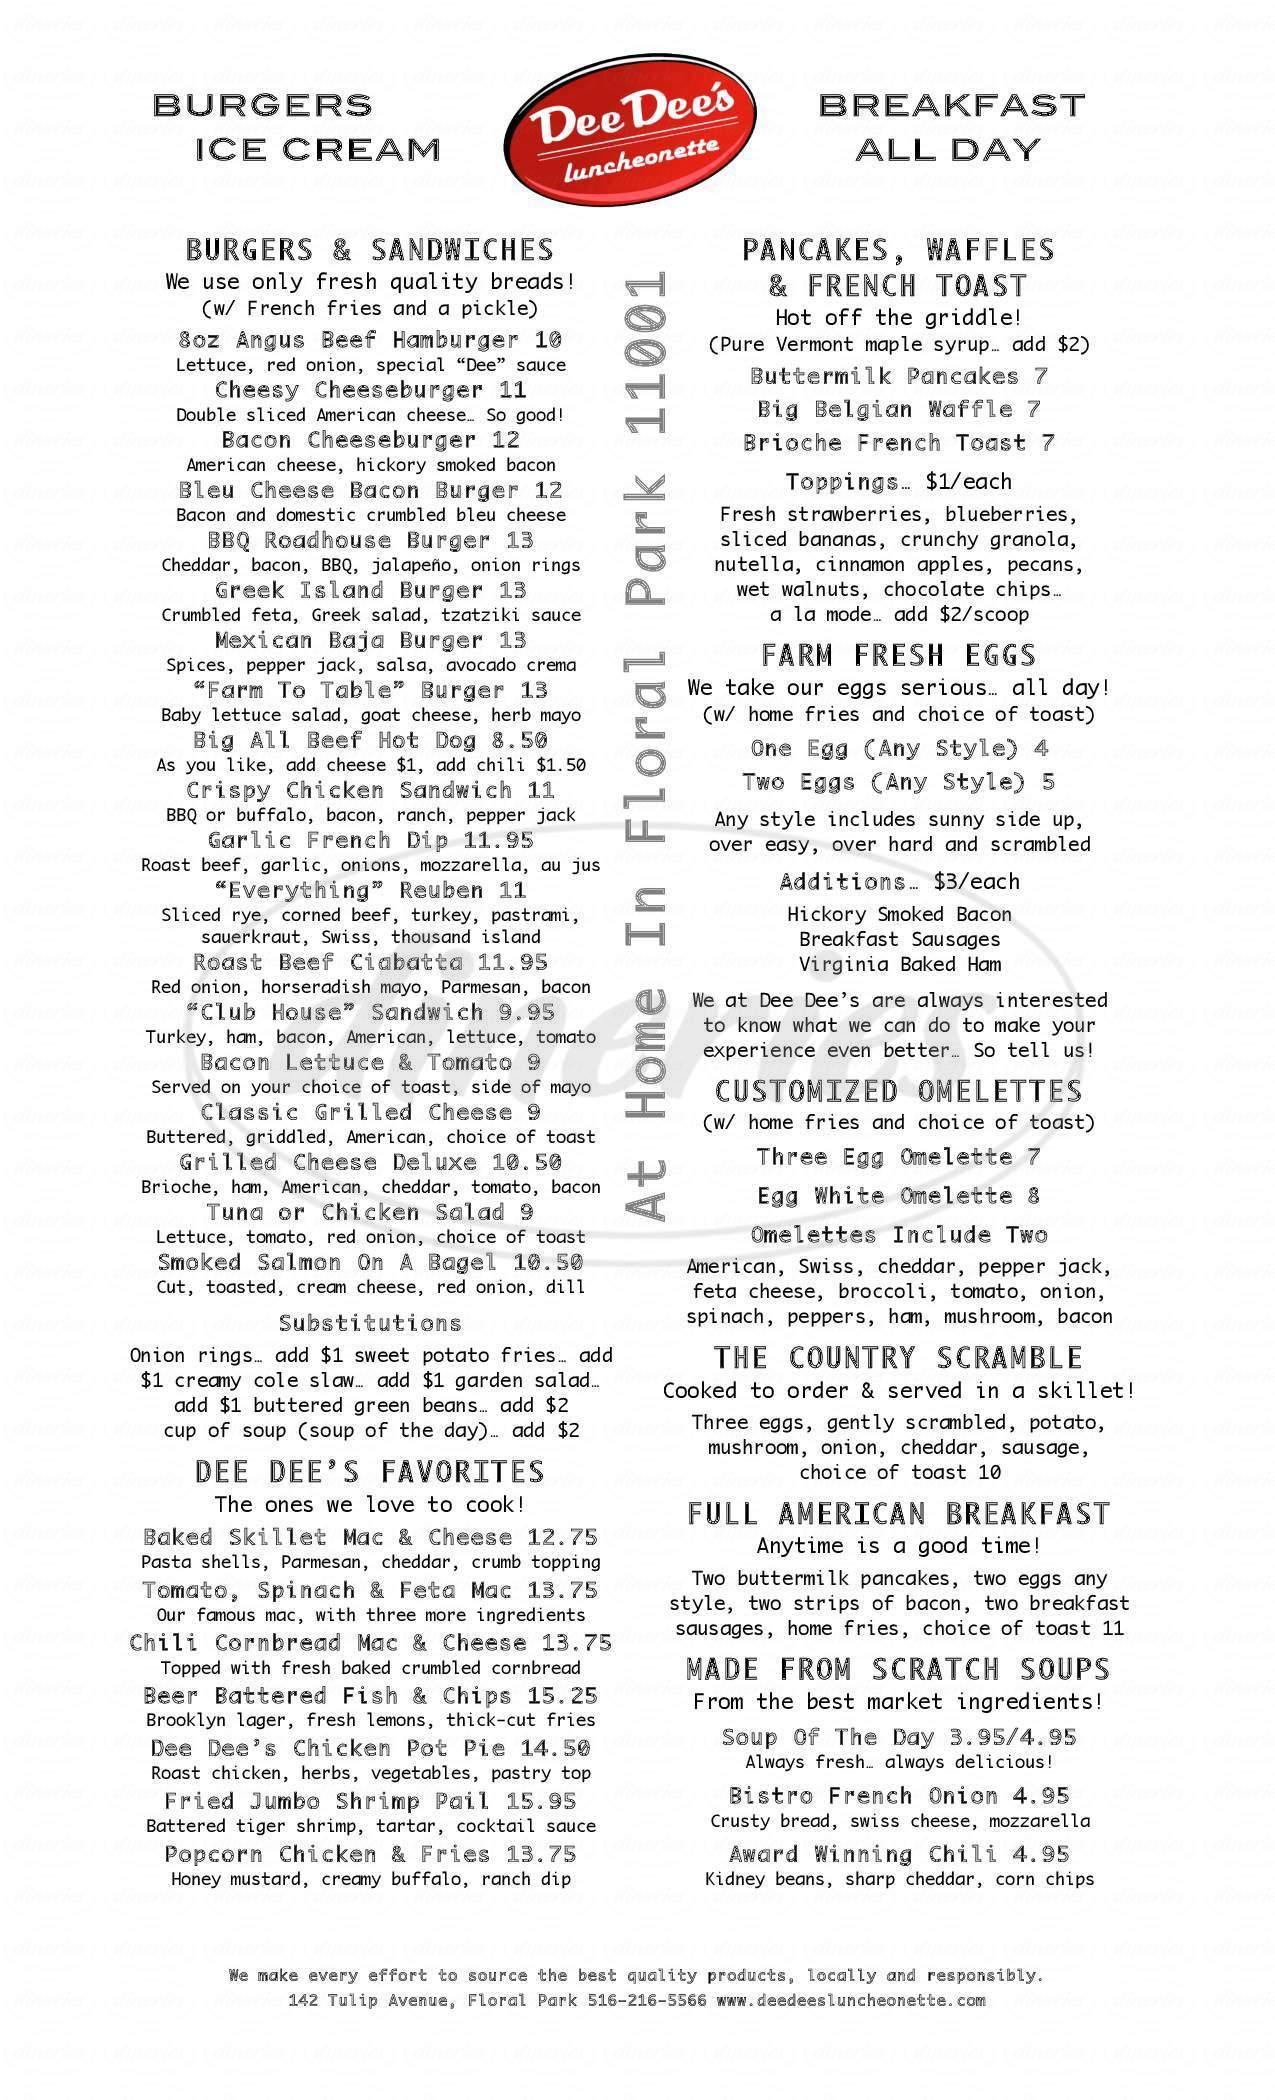 menu for Dee Dee's Luncheonette